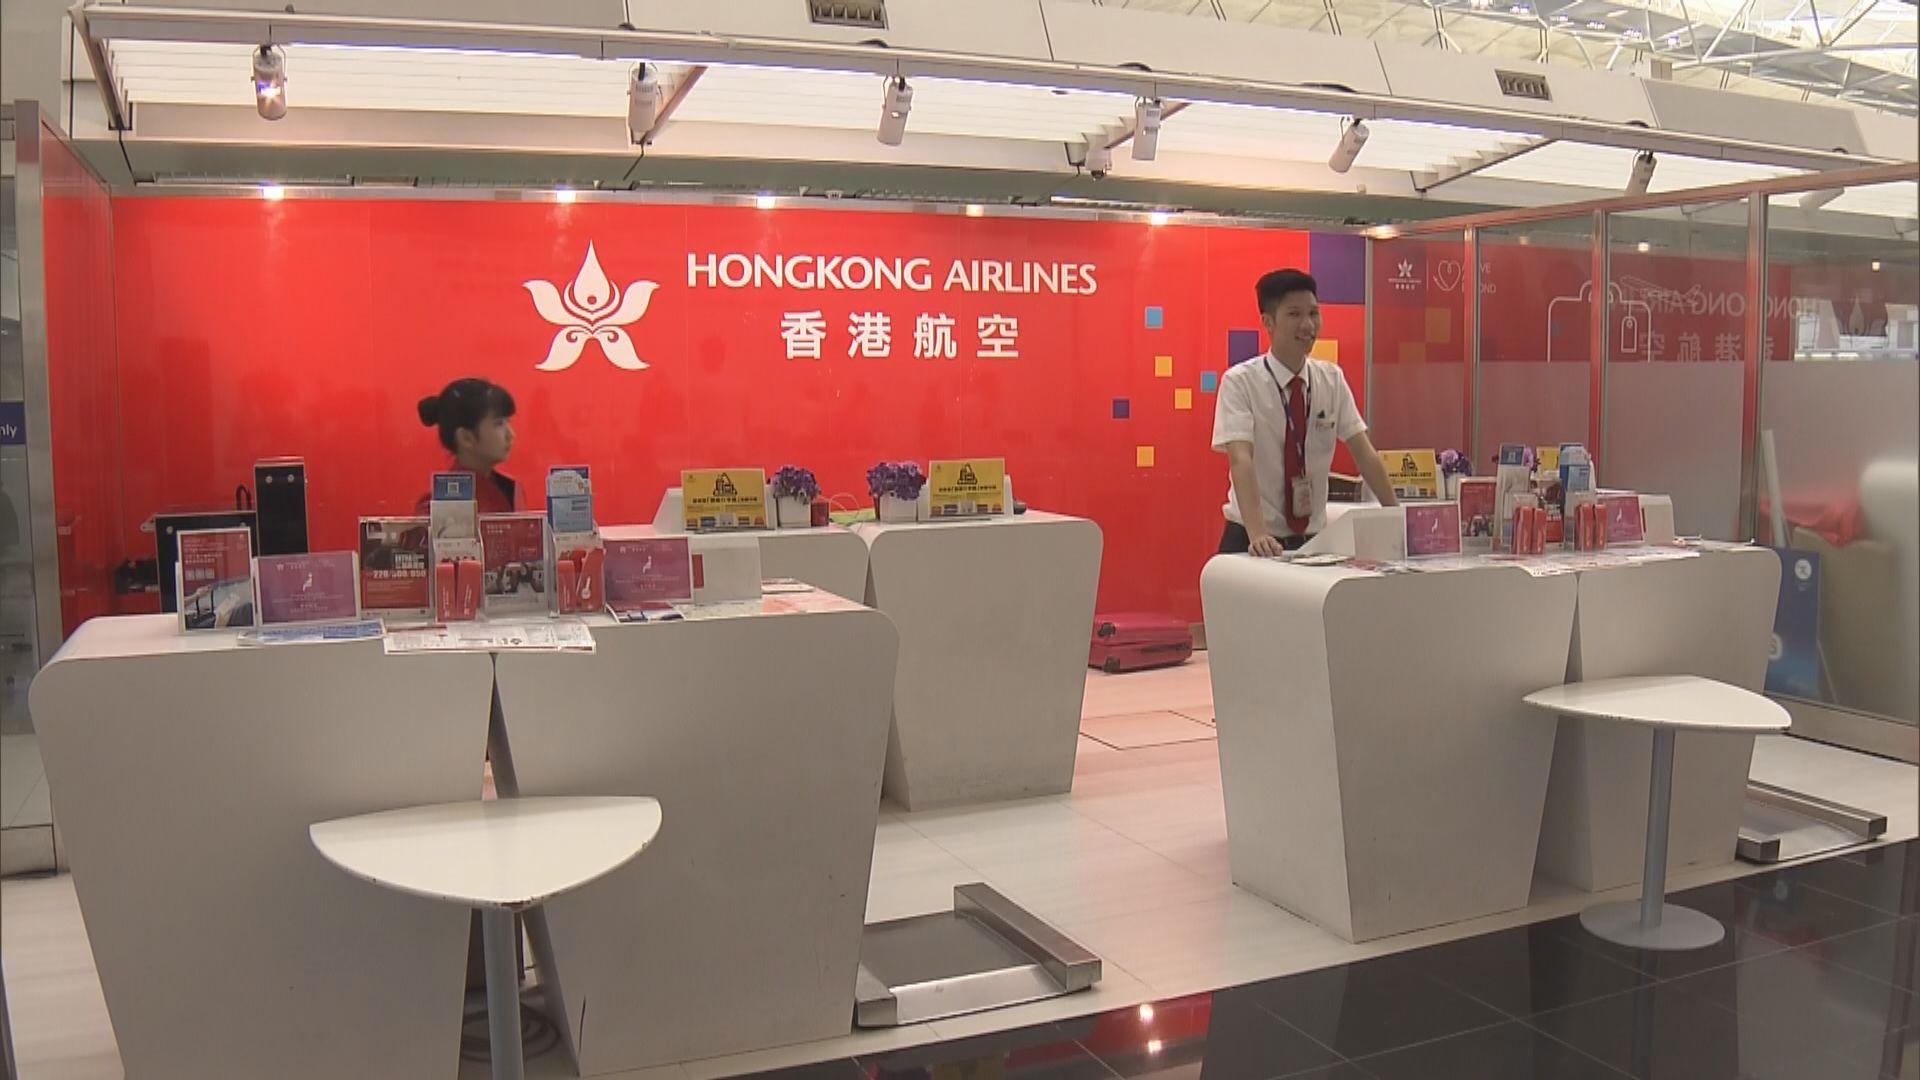 【旅遊疲弱】香港航空擬裁員約400人